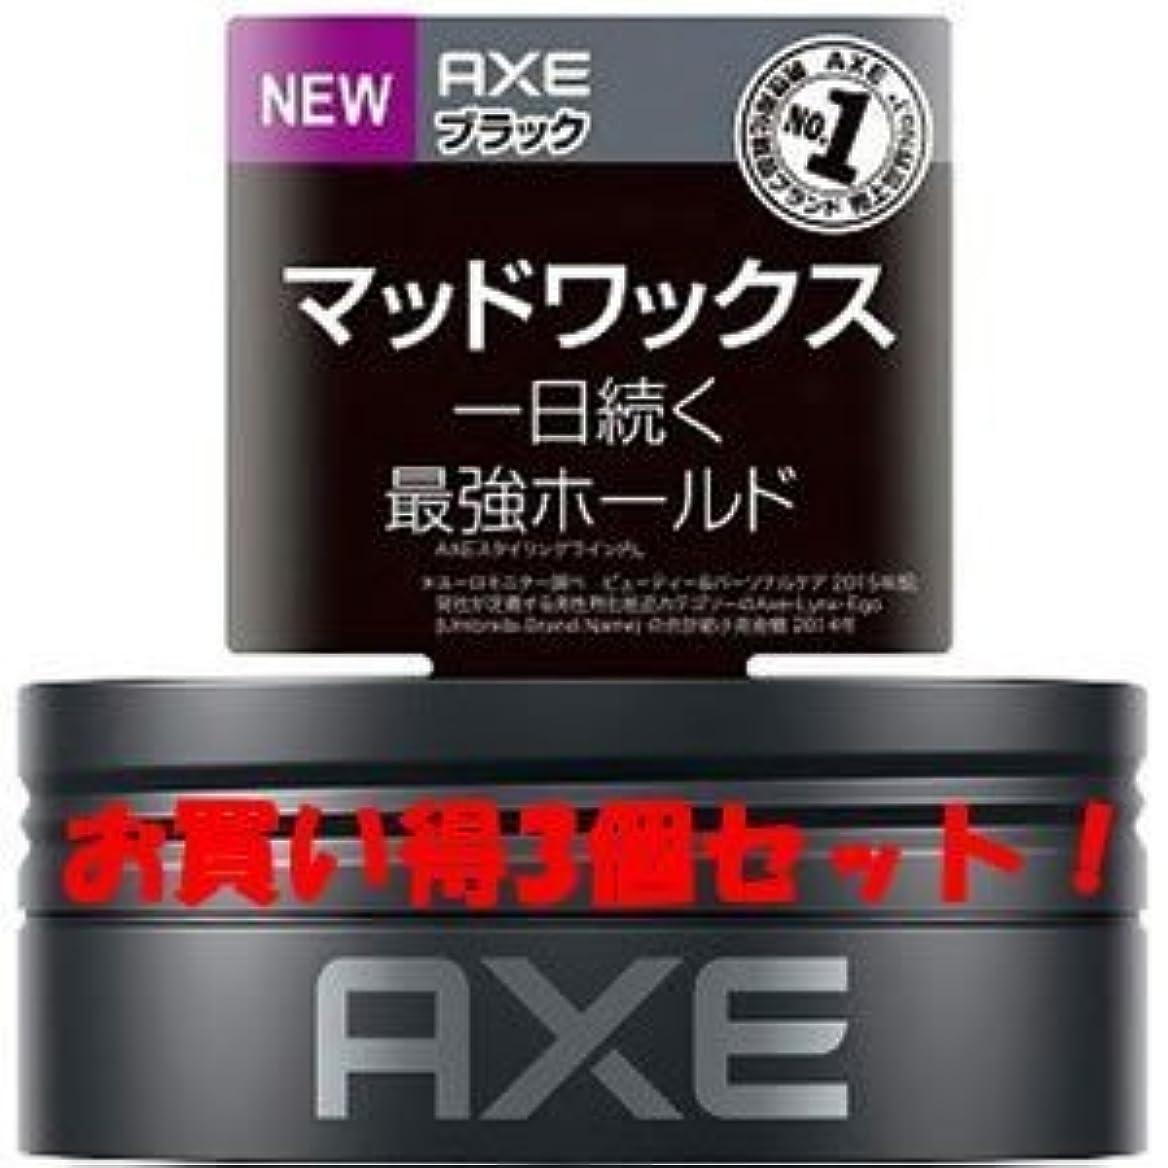 ラフレシアアルノルディ吸収訪問(2016年春の新商品)(ユニリーバ)AXE(アックス) ブラック デフィニティブホールド マッドワックス 65g(お買い得3個セット)